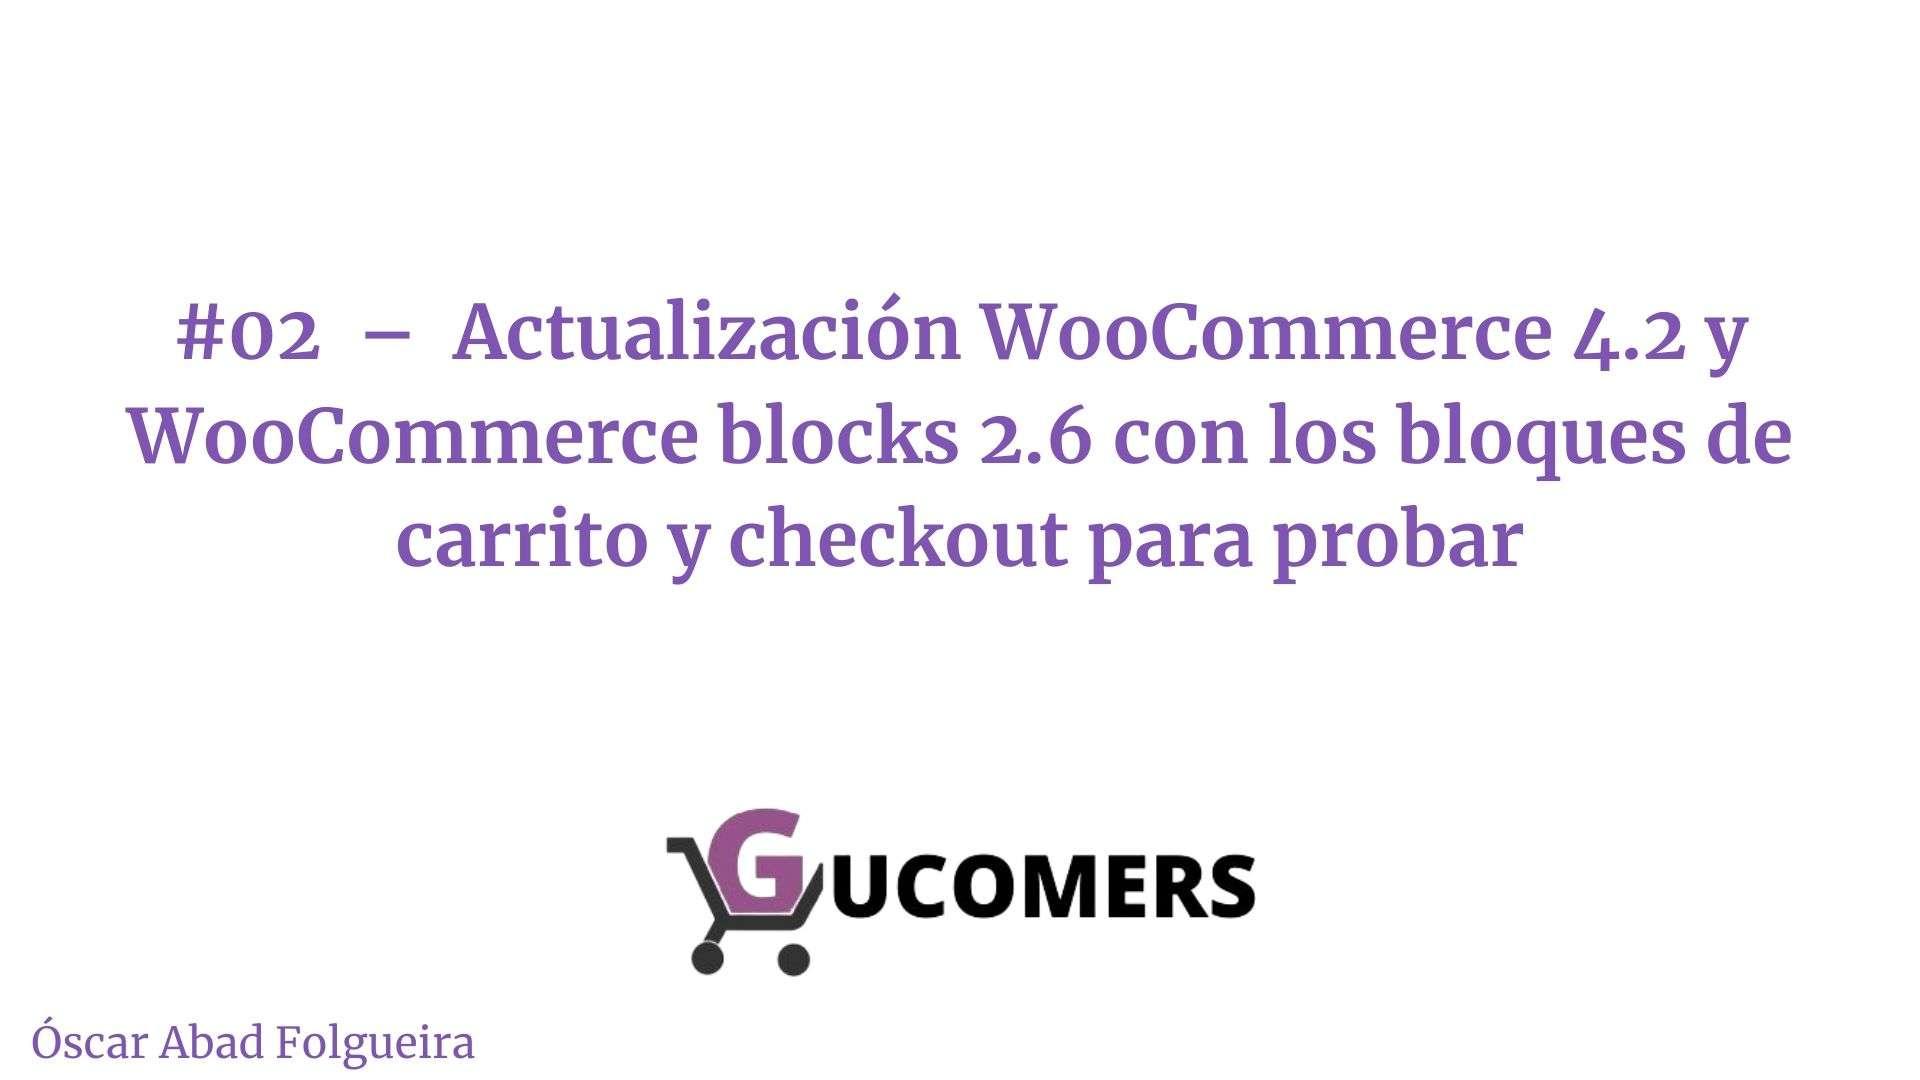 #02 – Actualizacion WooCommerce 4.2 y WooCommerce blocks 2.6 con los bloques de carrito y checkout para probar